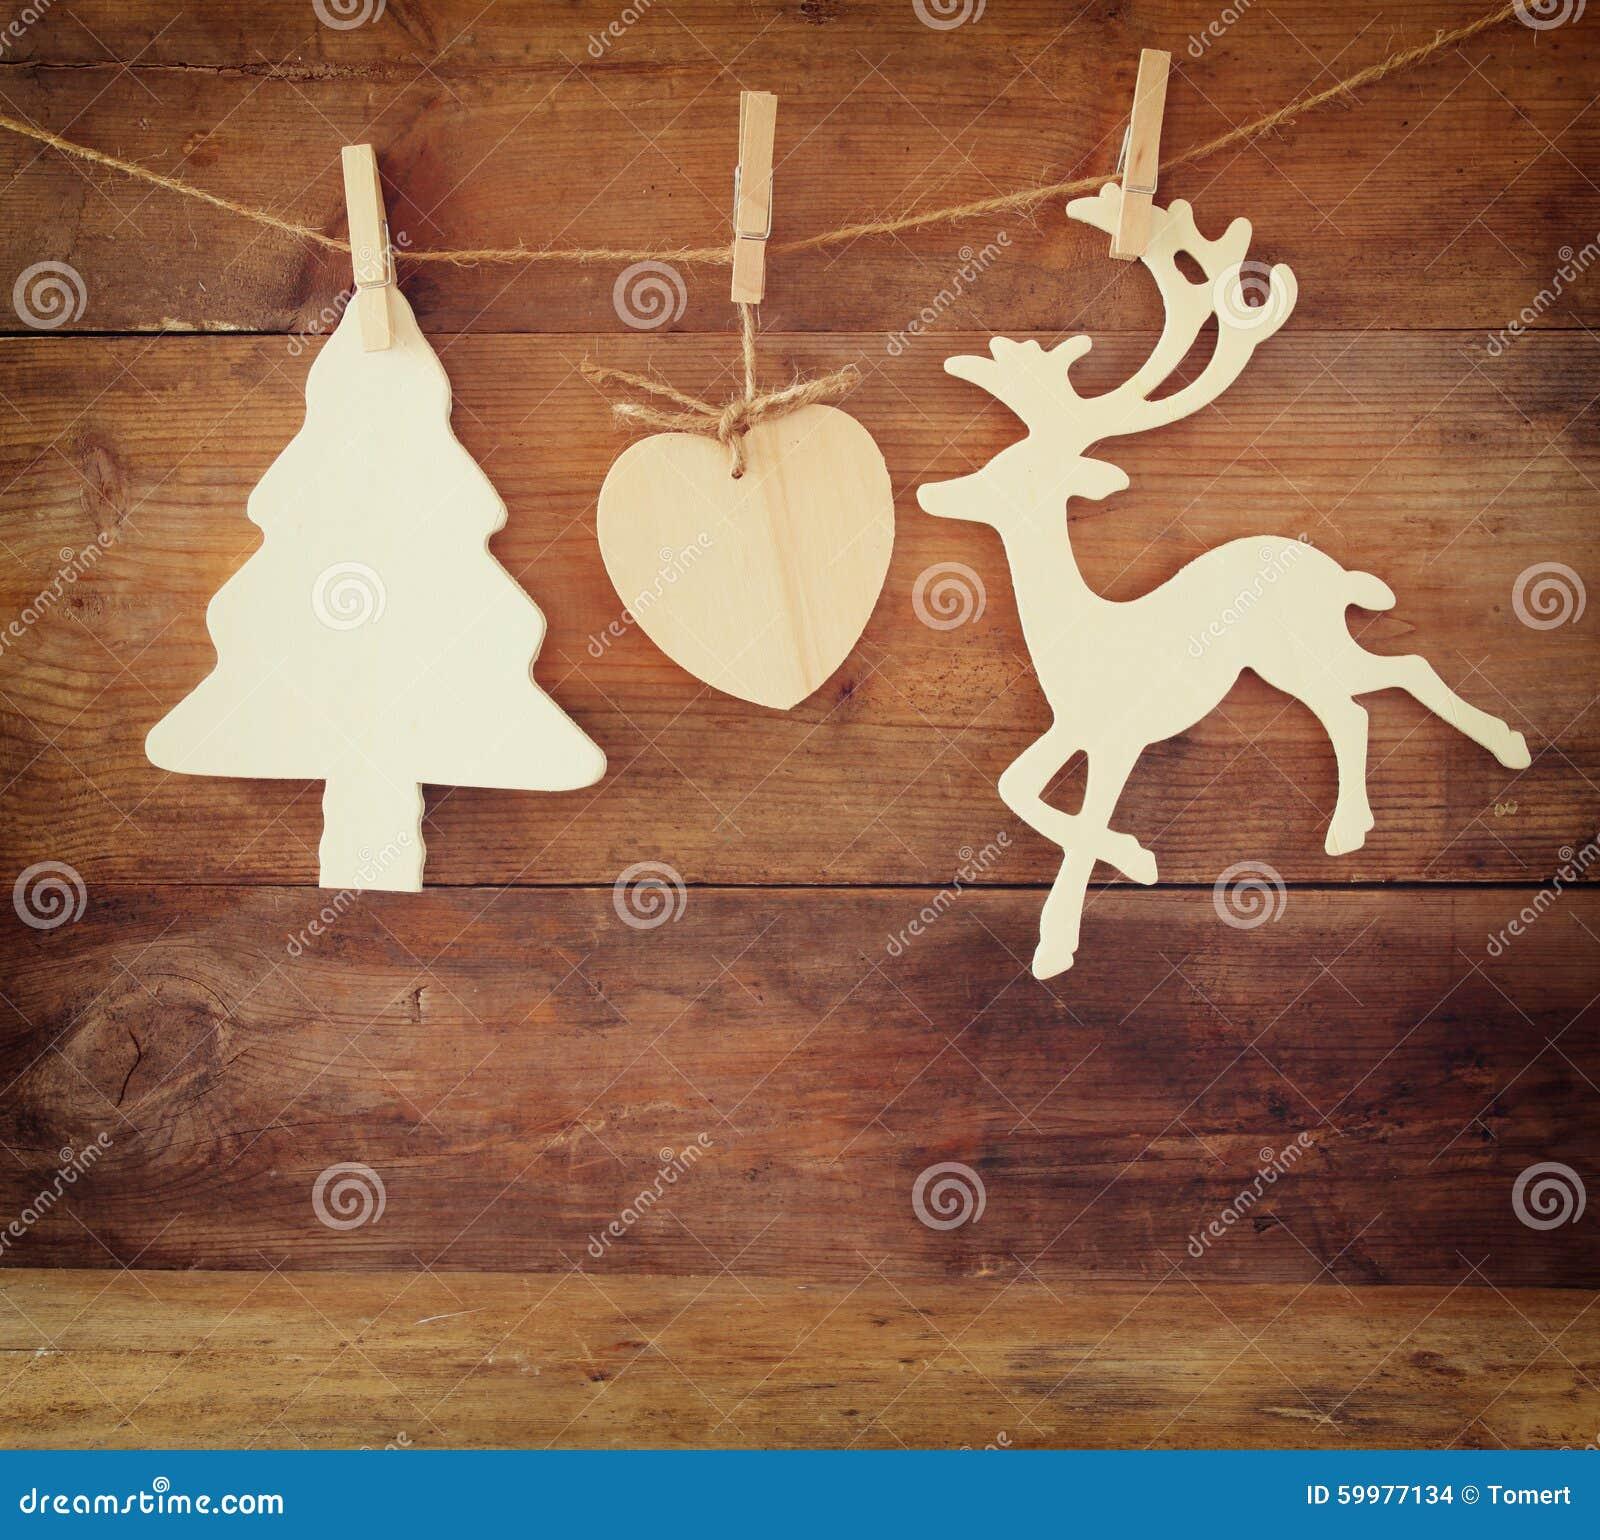 Immagine dell 39 albero di natale di legno e della renna for Albero di natale di legno